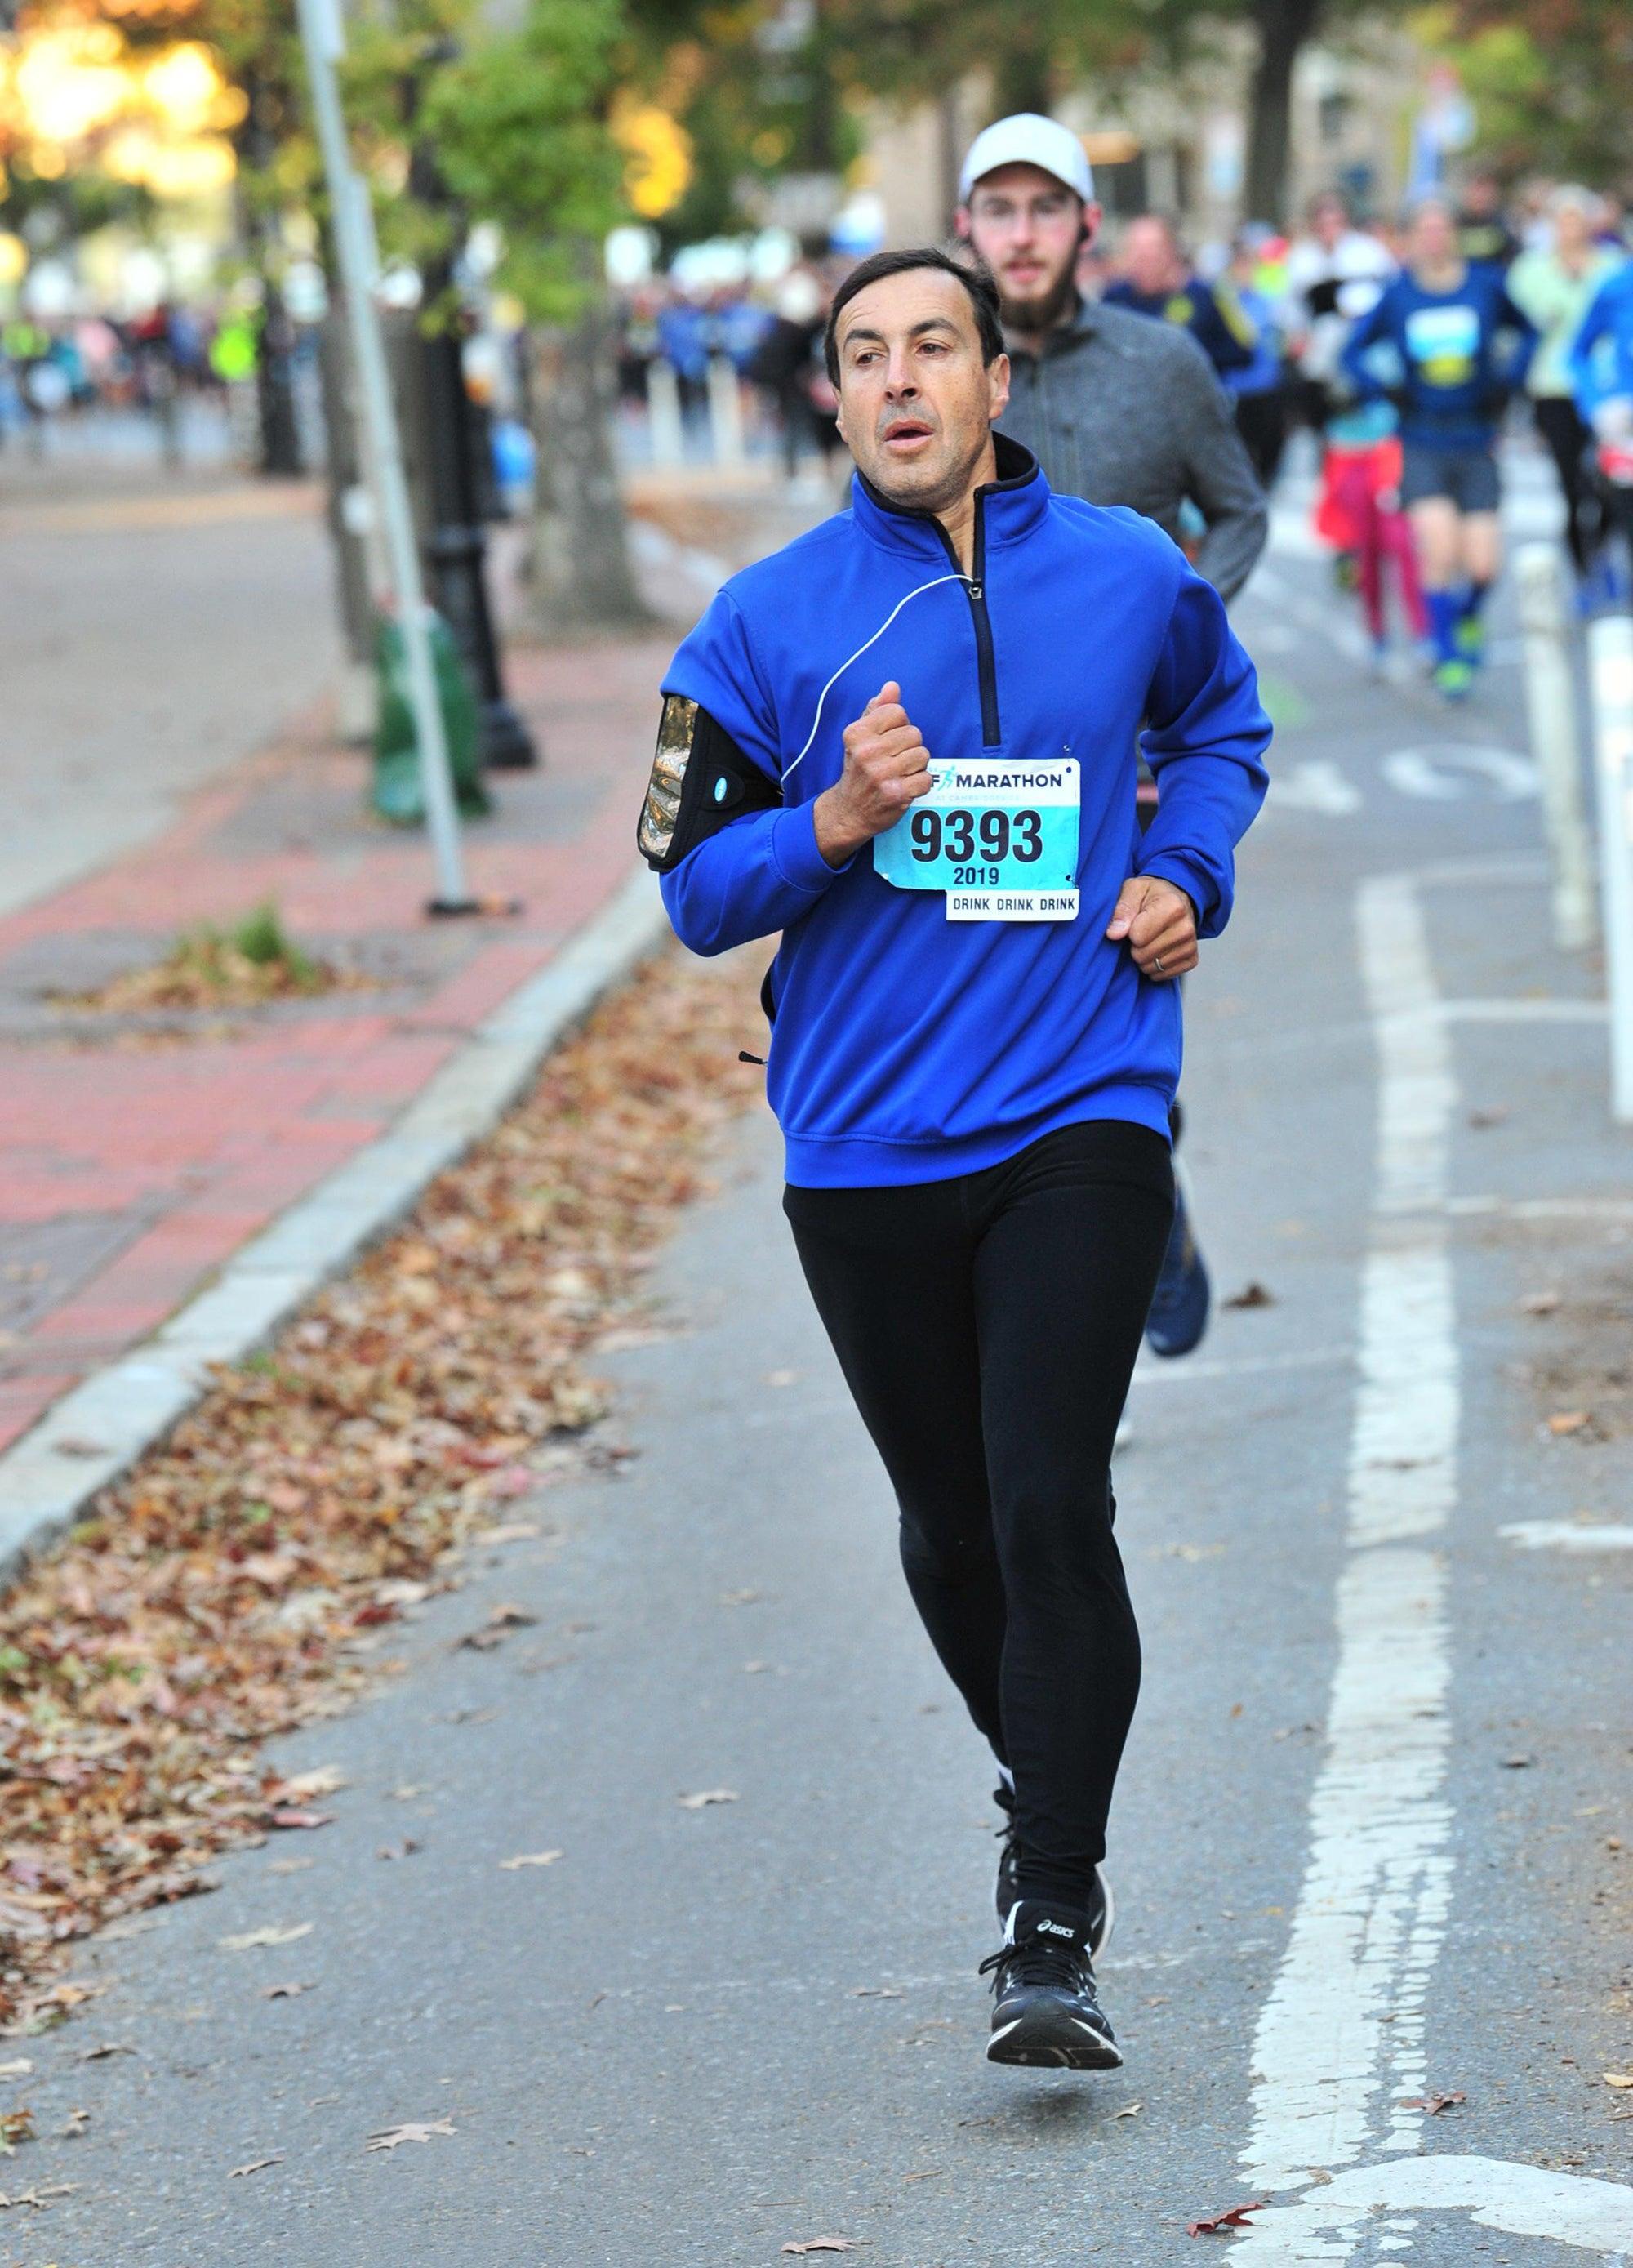 Lowenstein running a half marathon